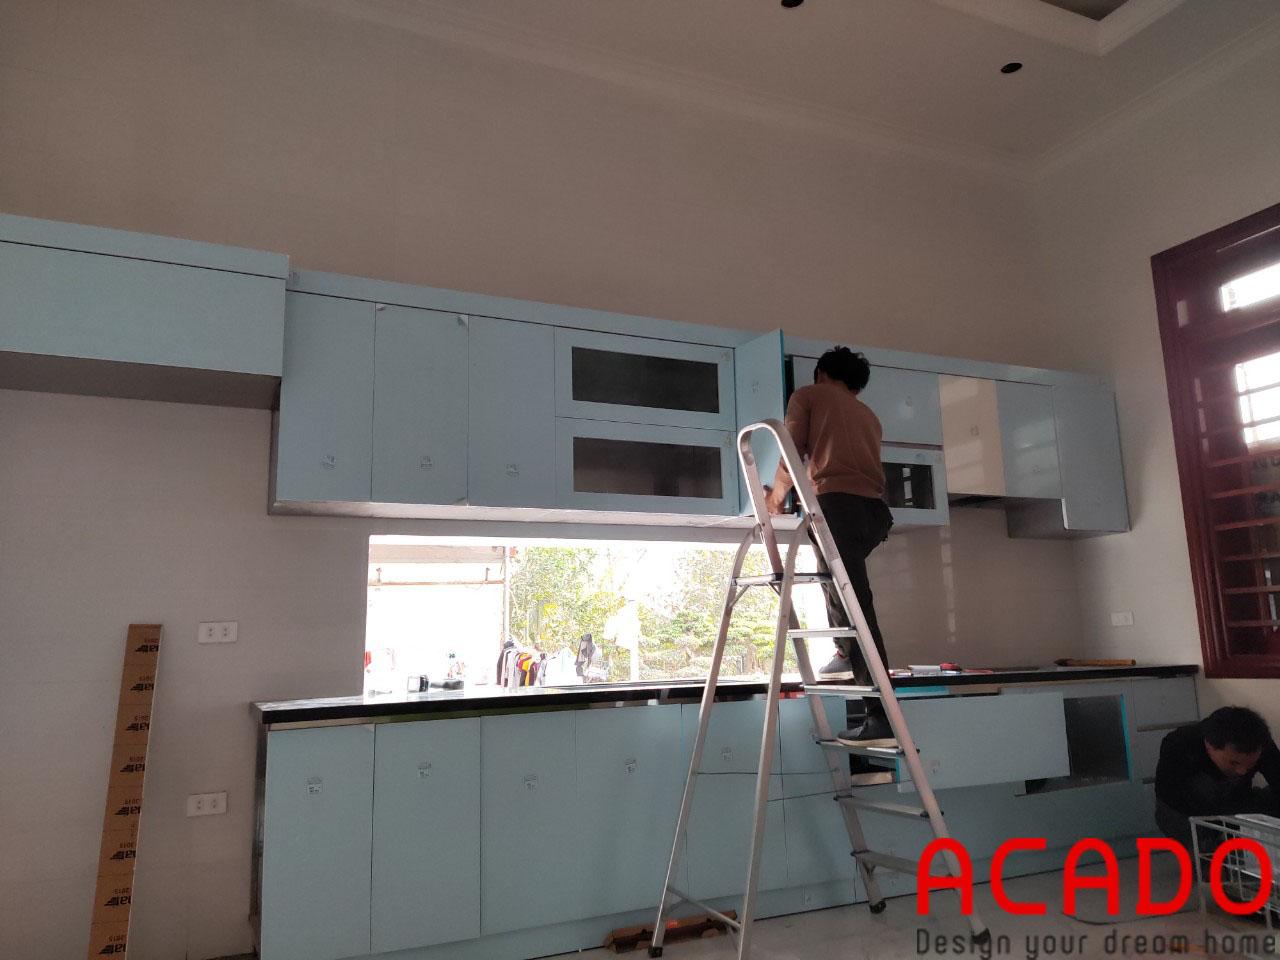 Cánh Acrylic mang lại cảm giác trẻ trung, sang trọng cho không gian căn bếp